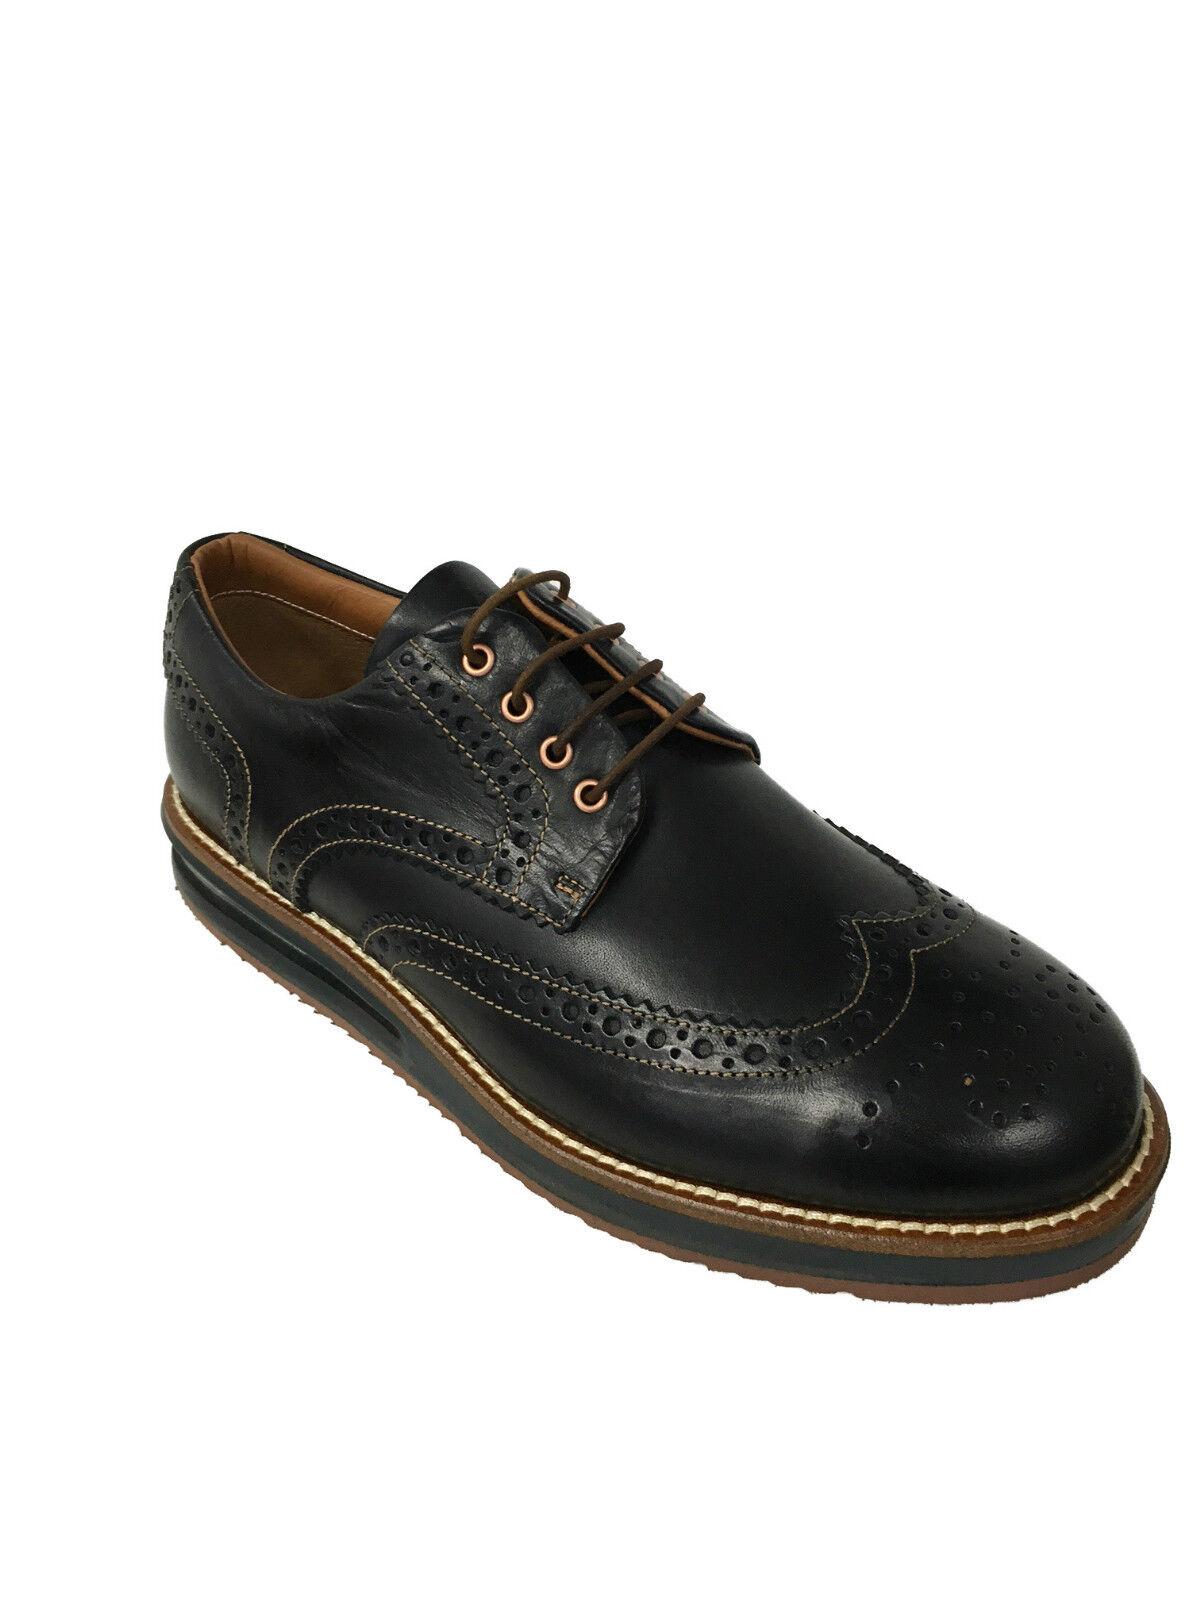 BARLEYCORN zapatos de hombre abrochada negro mod COWHIDE 100% piel MADE IN ITALY